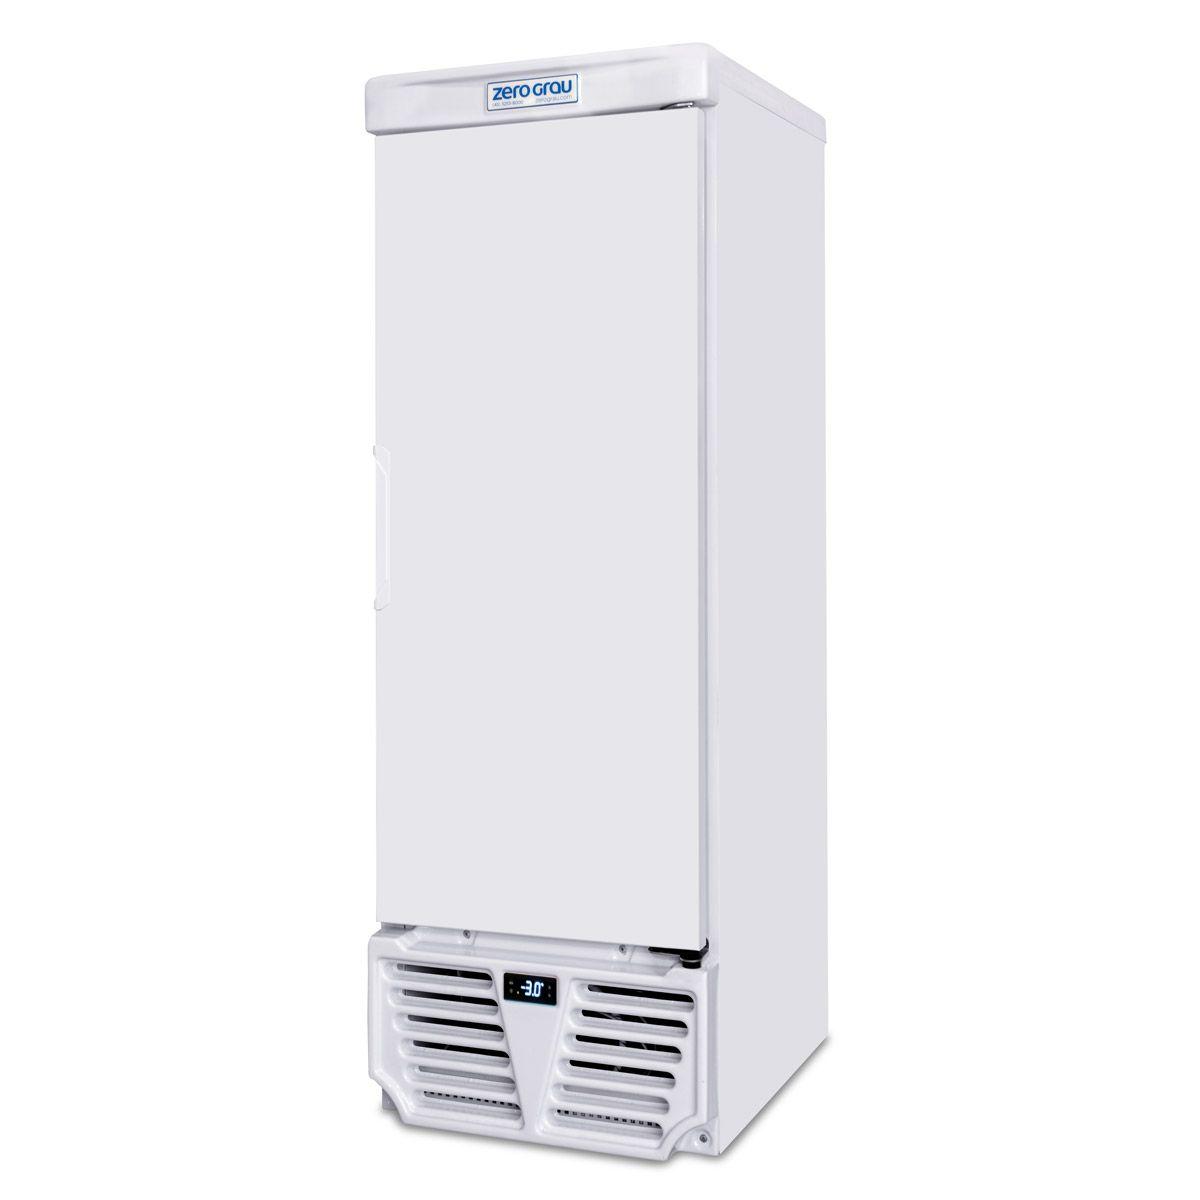 Refrigerador Zero Grau 240 Litros até -7 graus 220V